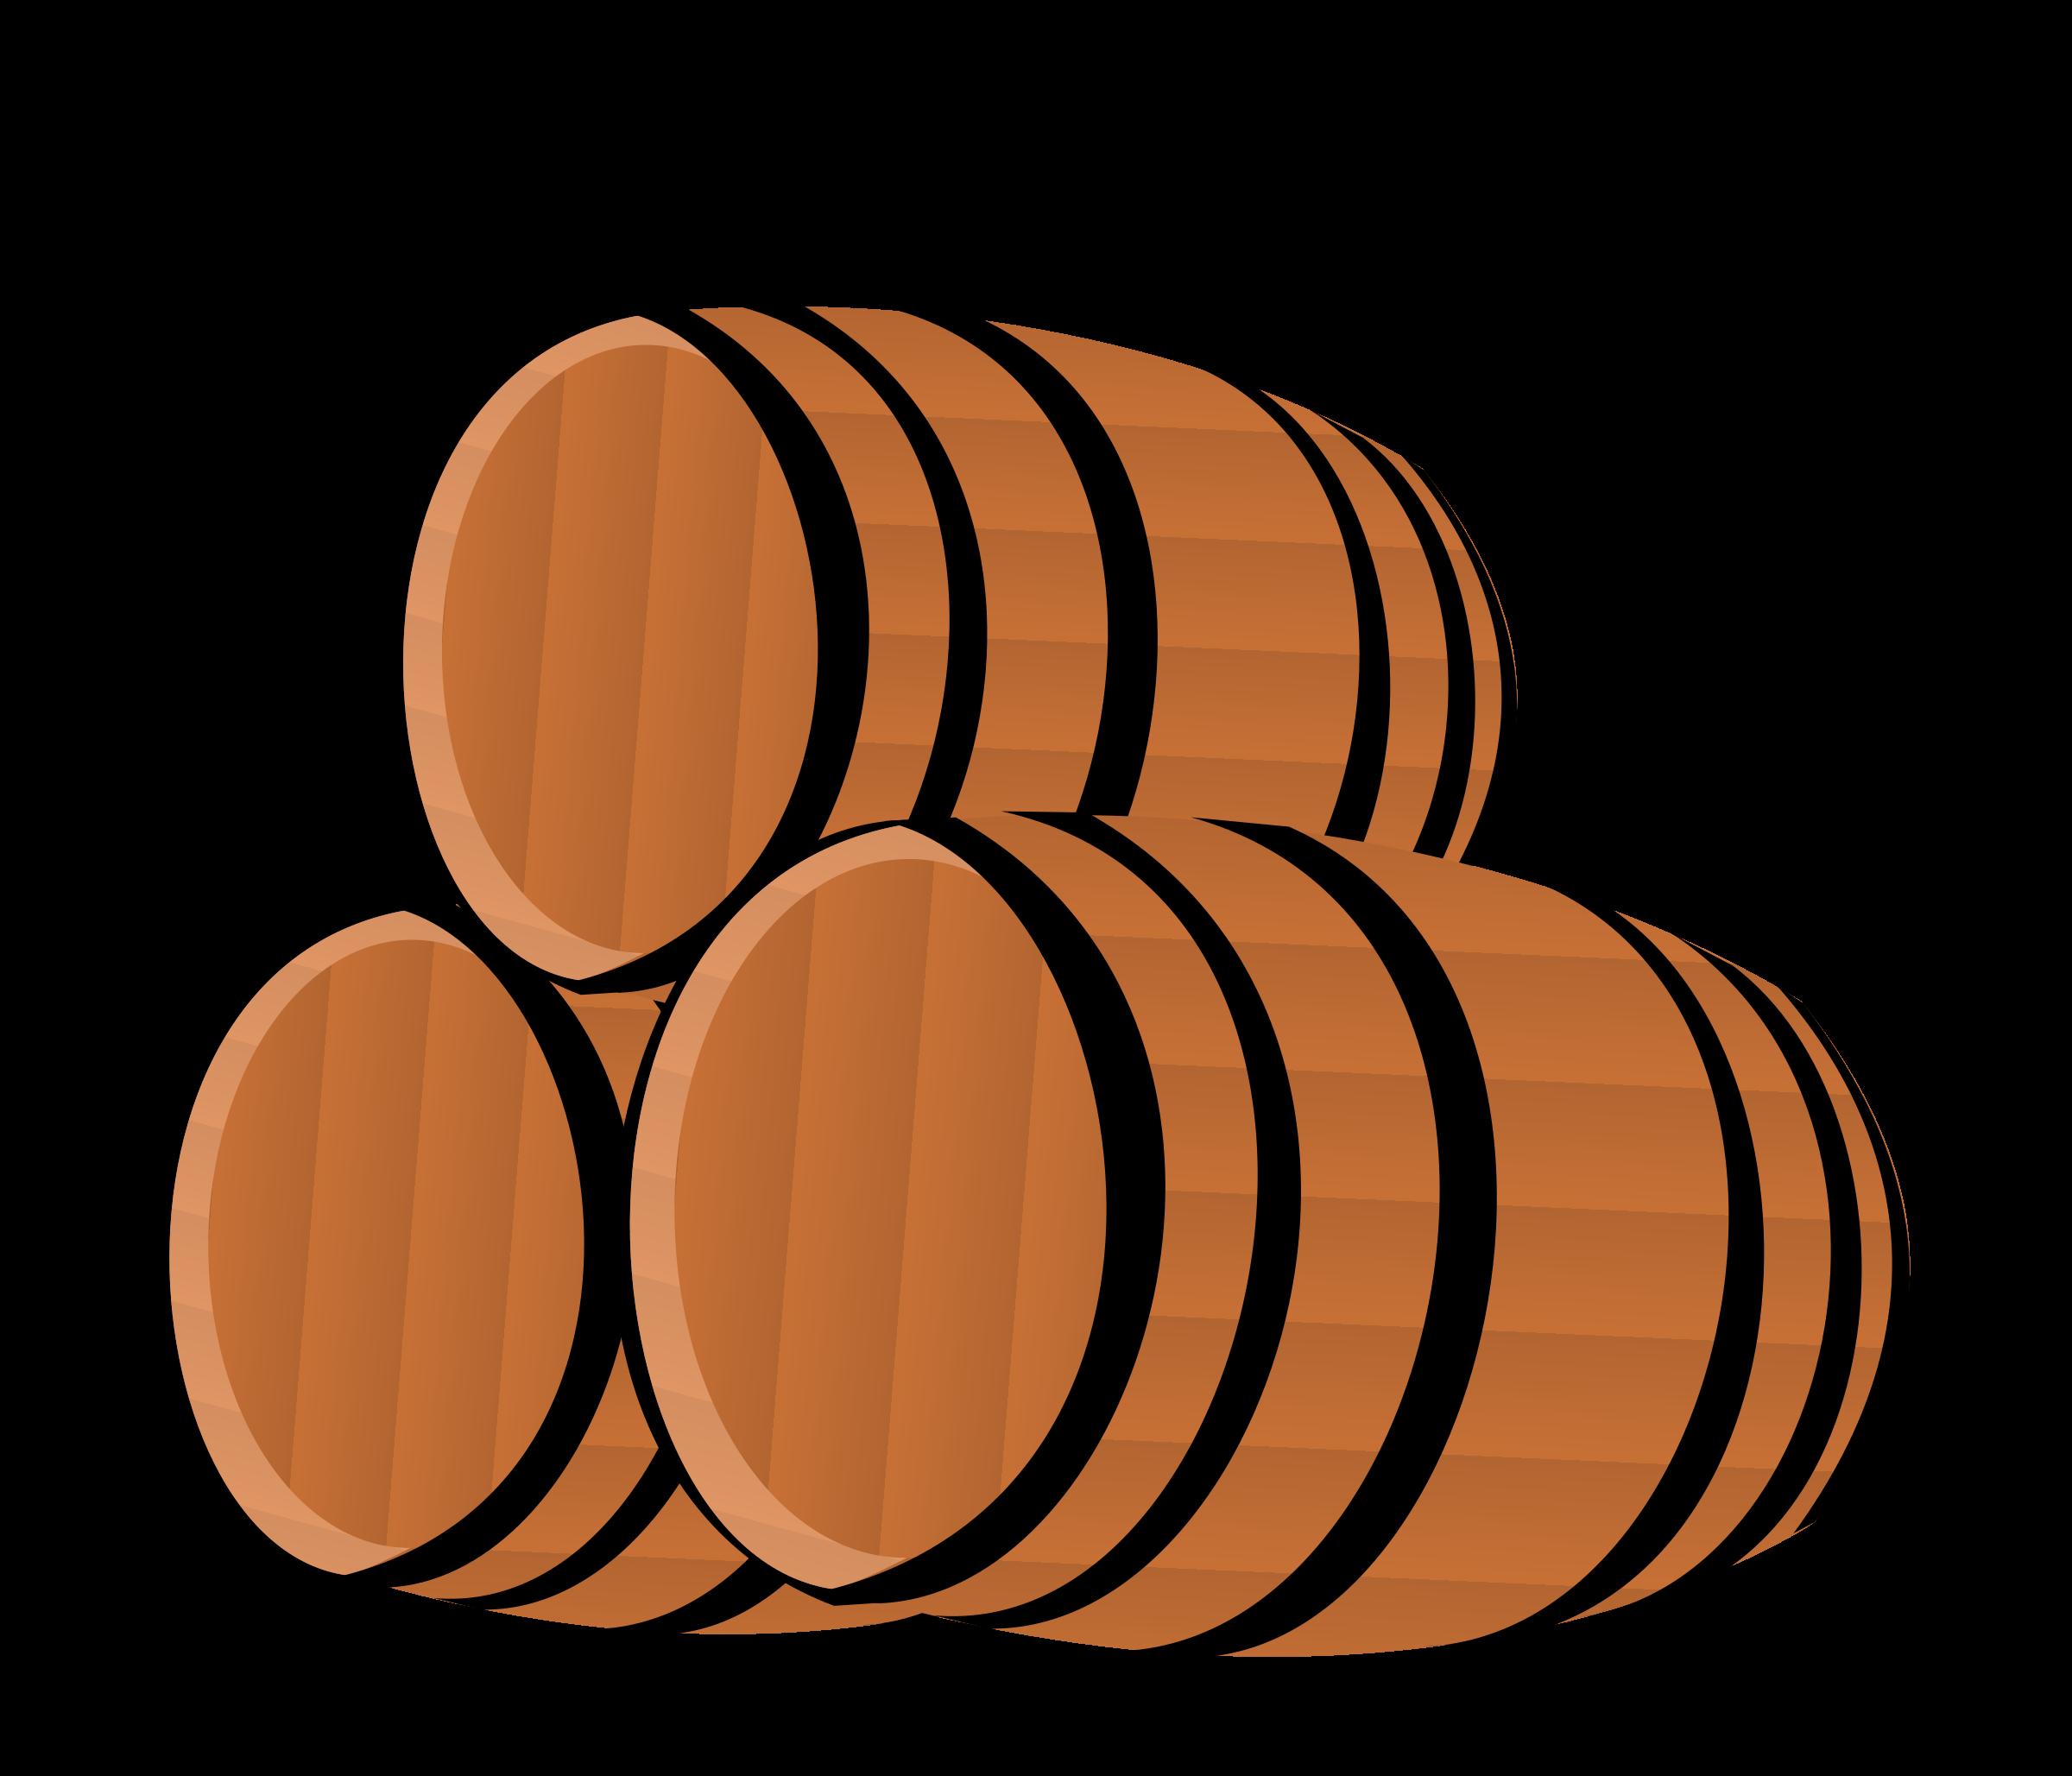 Free Barrels Cliparts, Download Free Clip Art, Free Clip Art.